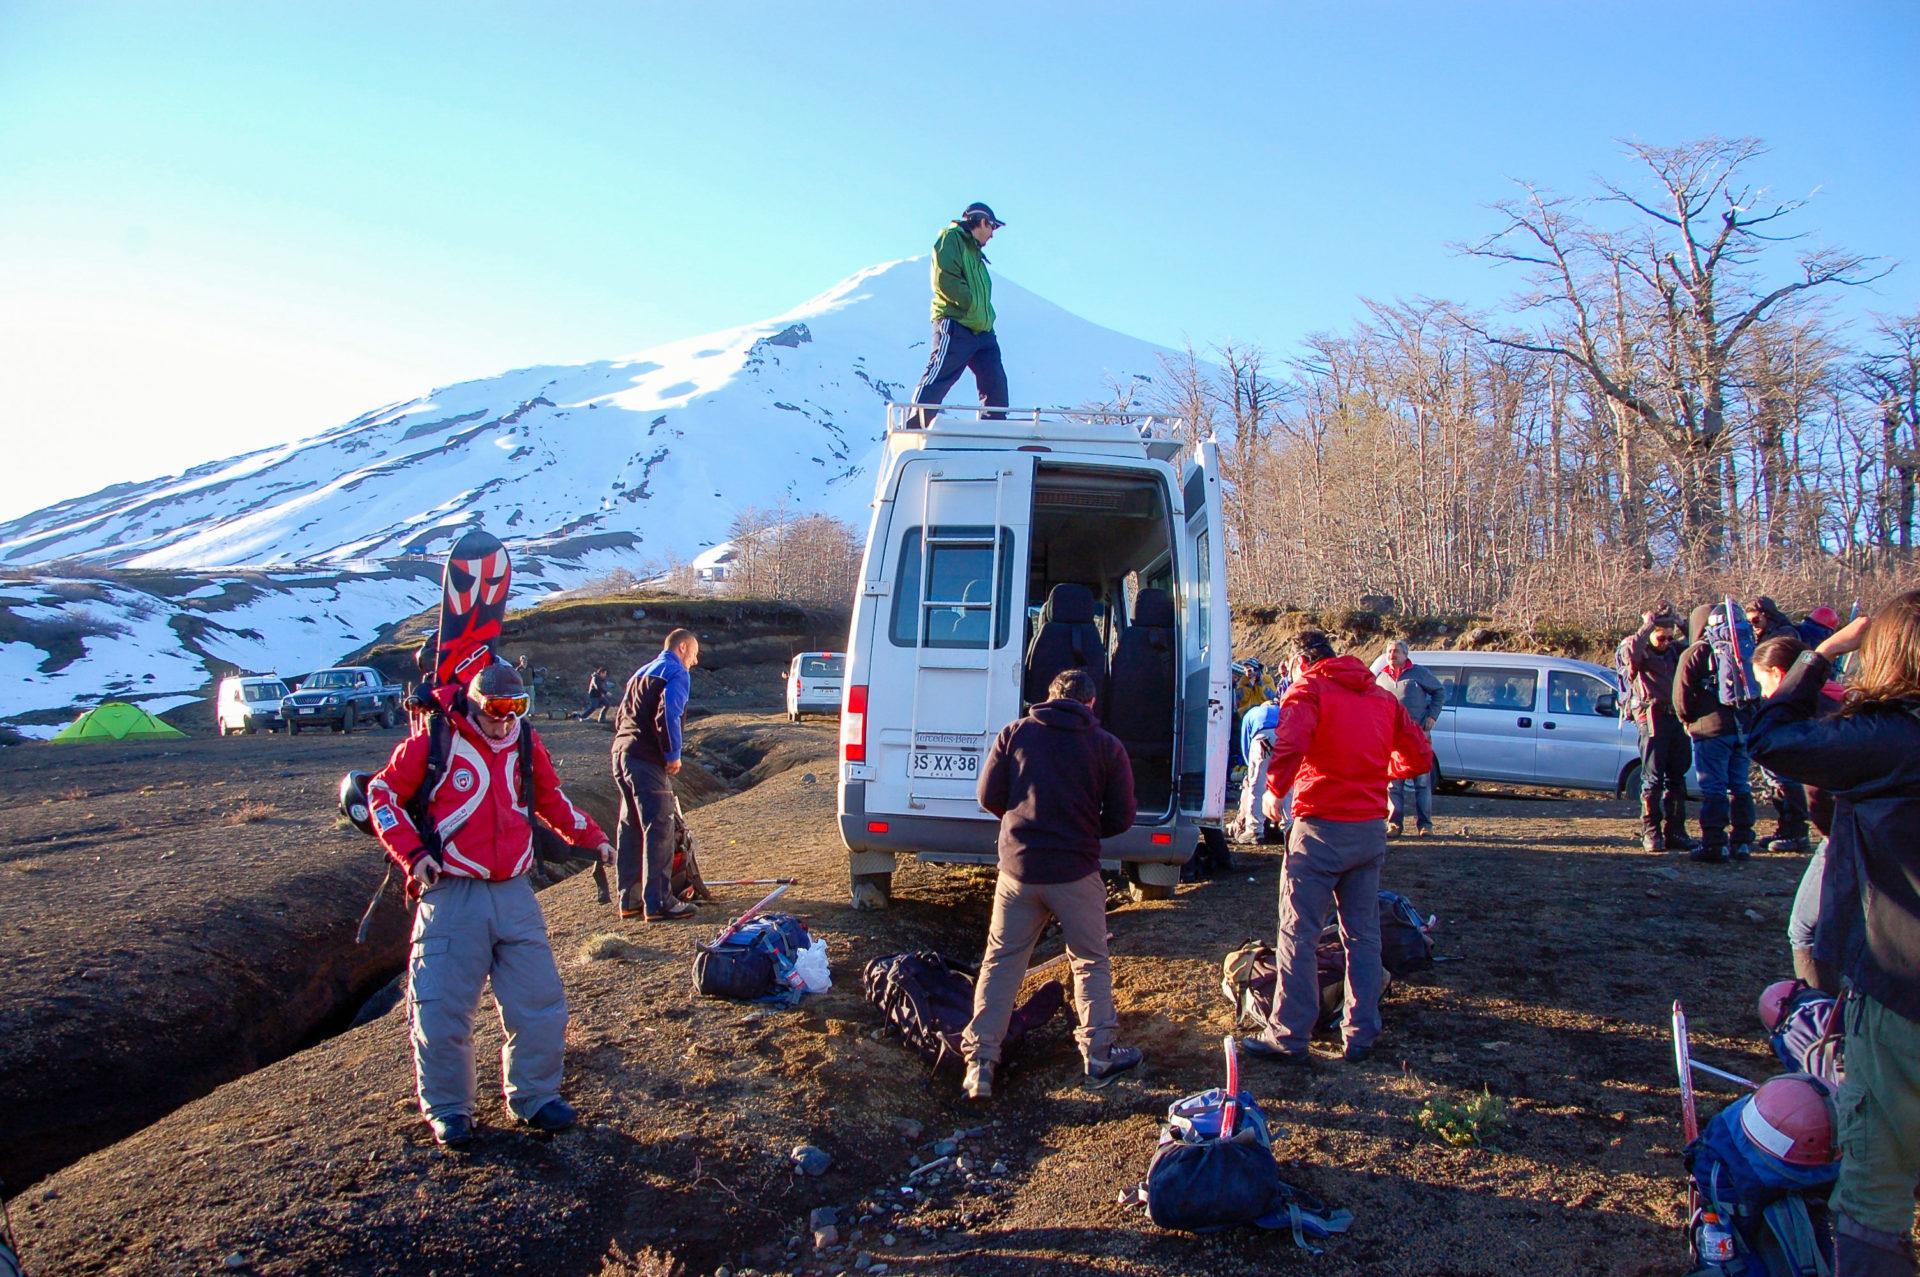 Vorbereitungen zum Aufstieg auf den aktiven Vulkan Villarrica in Chile